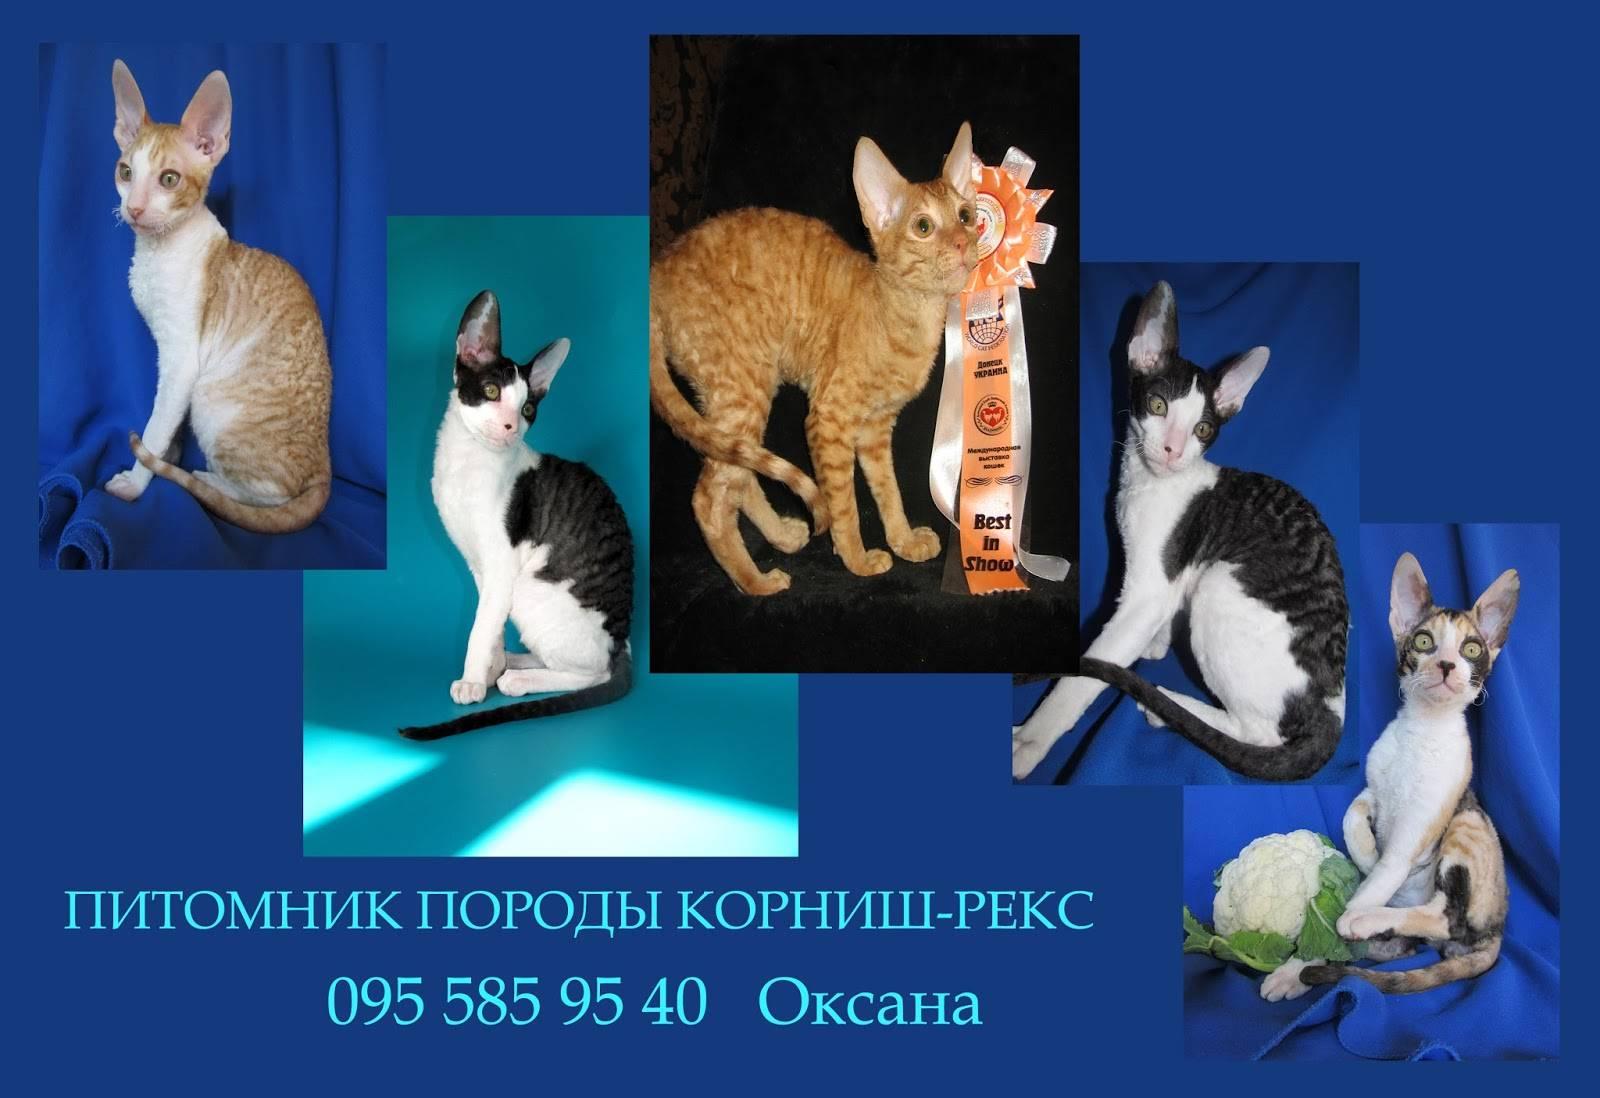 Уральский рекс: описание породы, фото, характер и уход, выбор котенка, отзывы владельцев